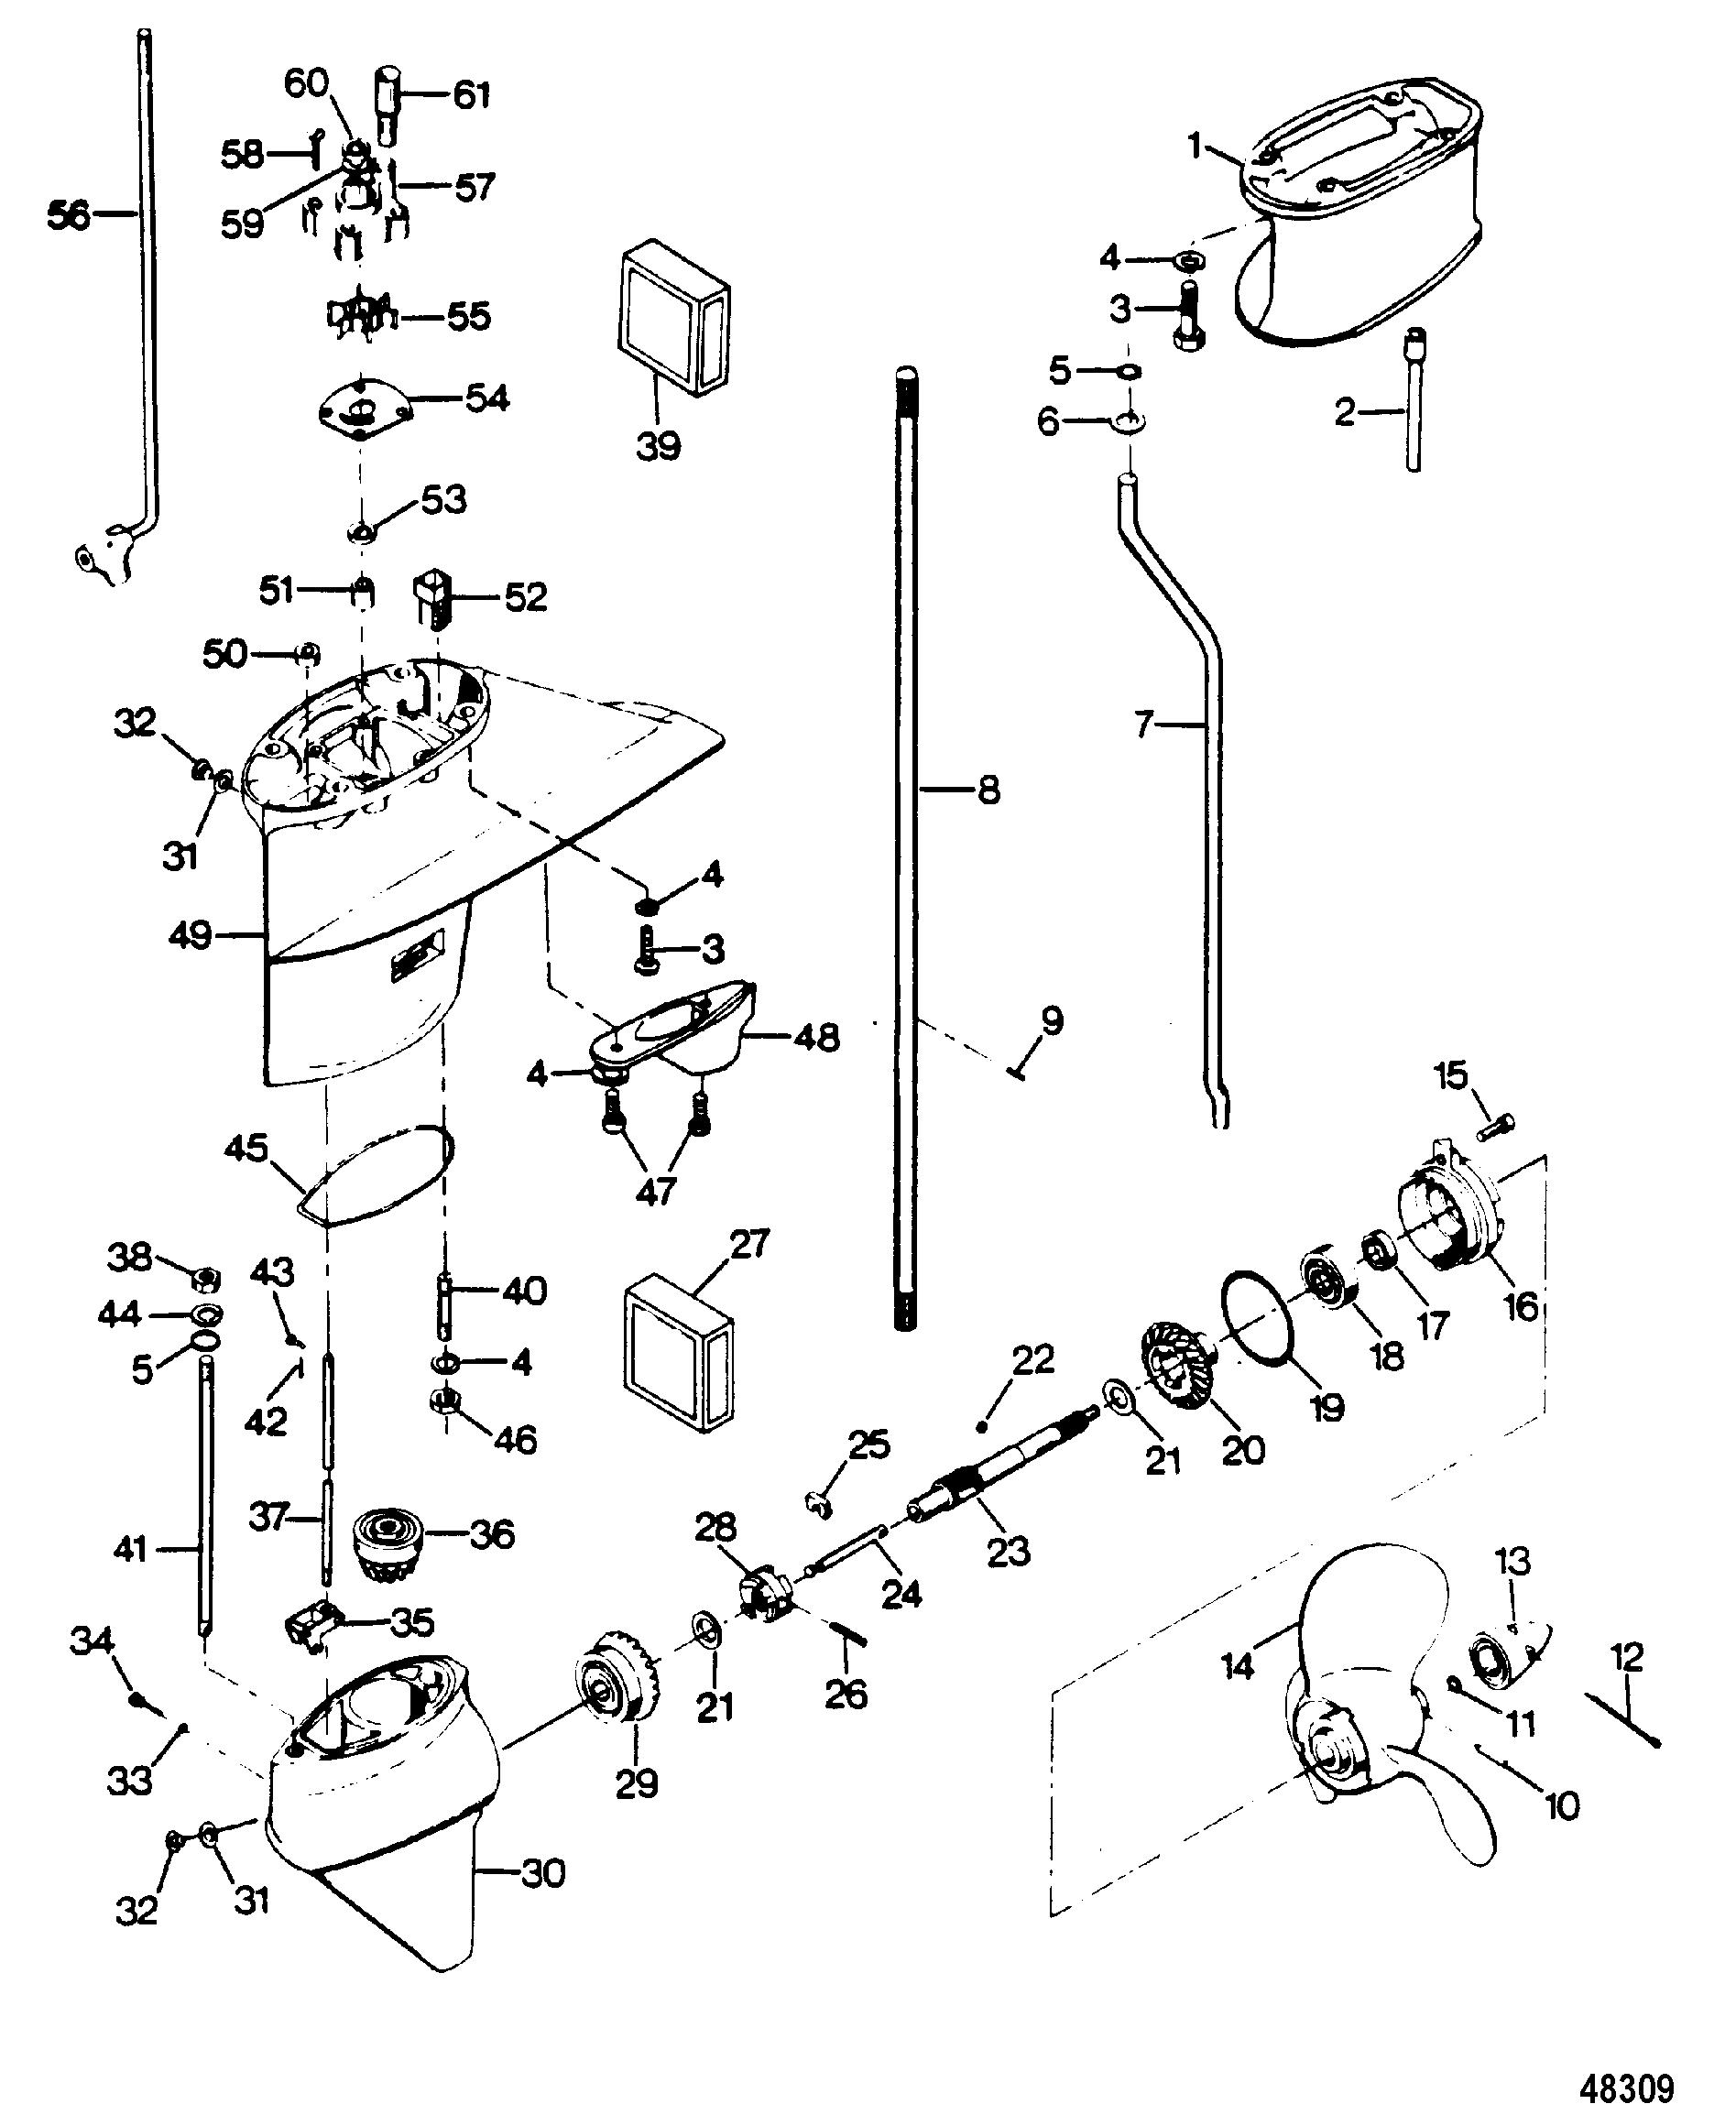 yamaha trim sender wiring diagram